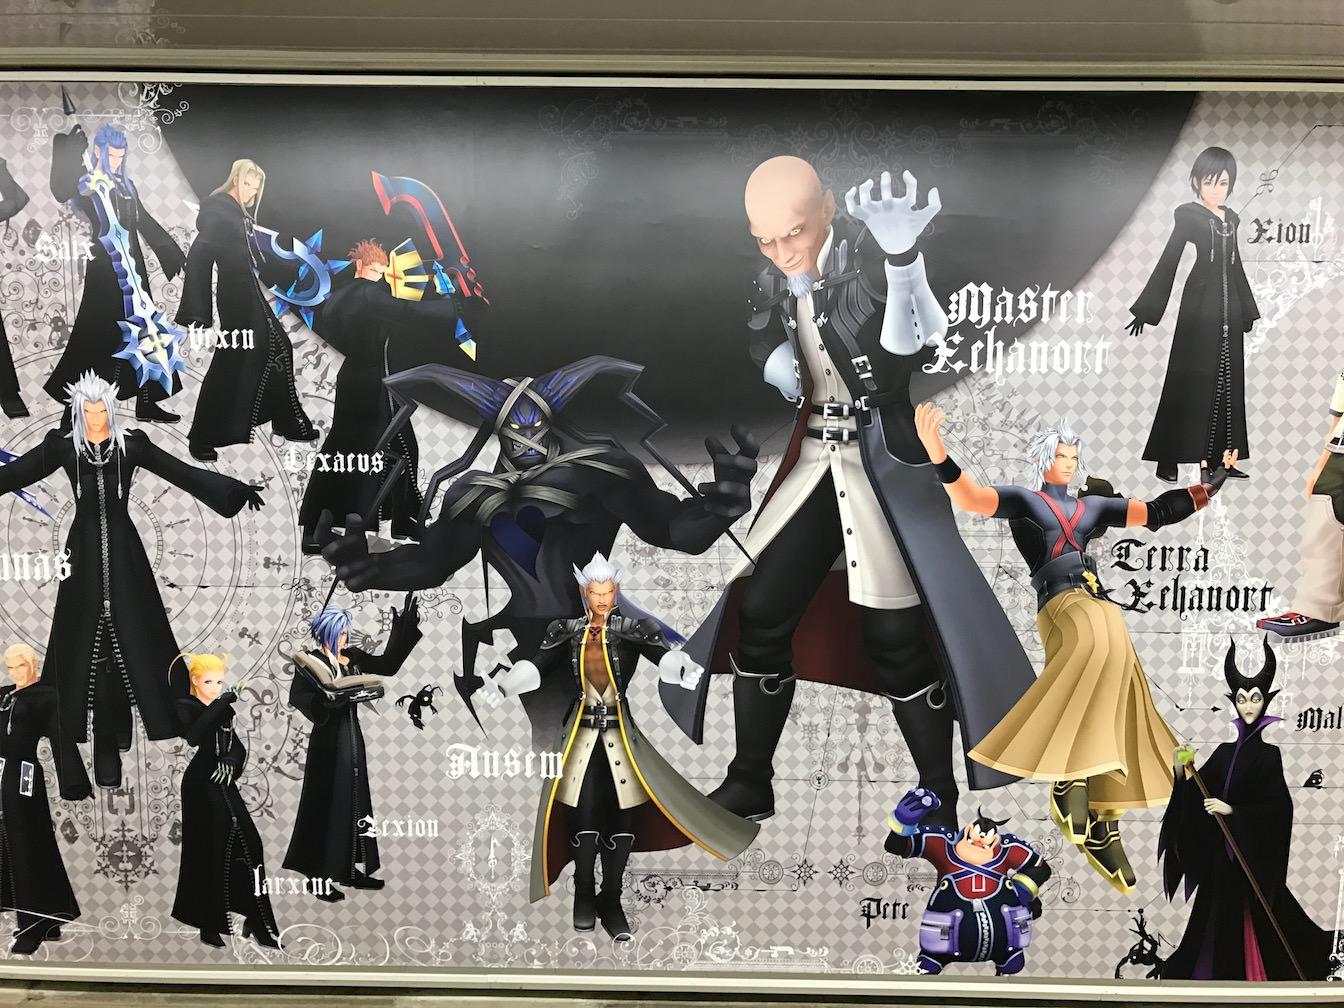 Kingdomhearts 15th anniversary exhibition at shinjuku 13